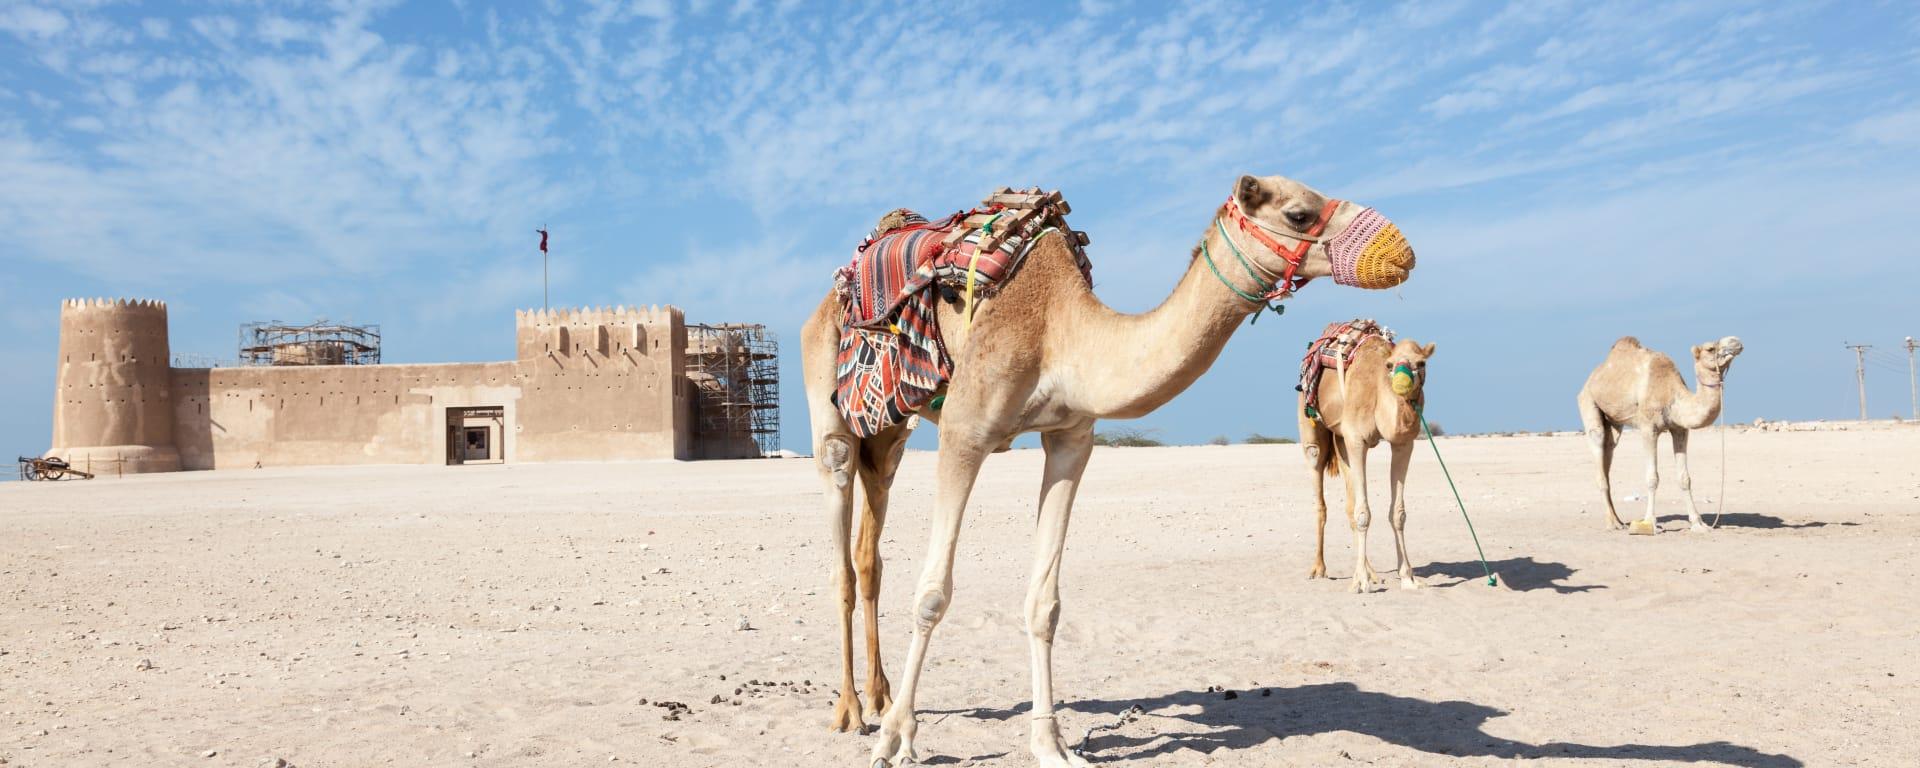 Qatar entdecken mit Tischler Reisen: Qatar Al Zubarah Kamele